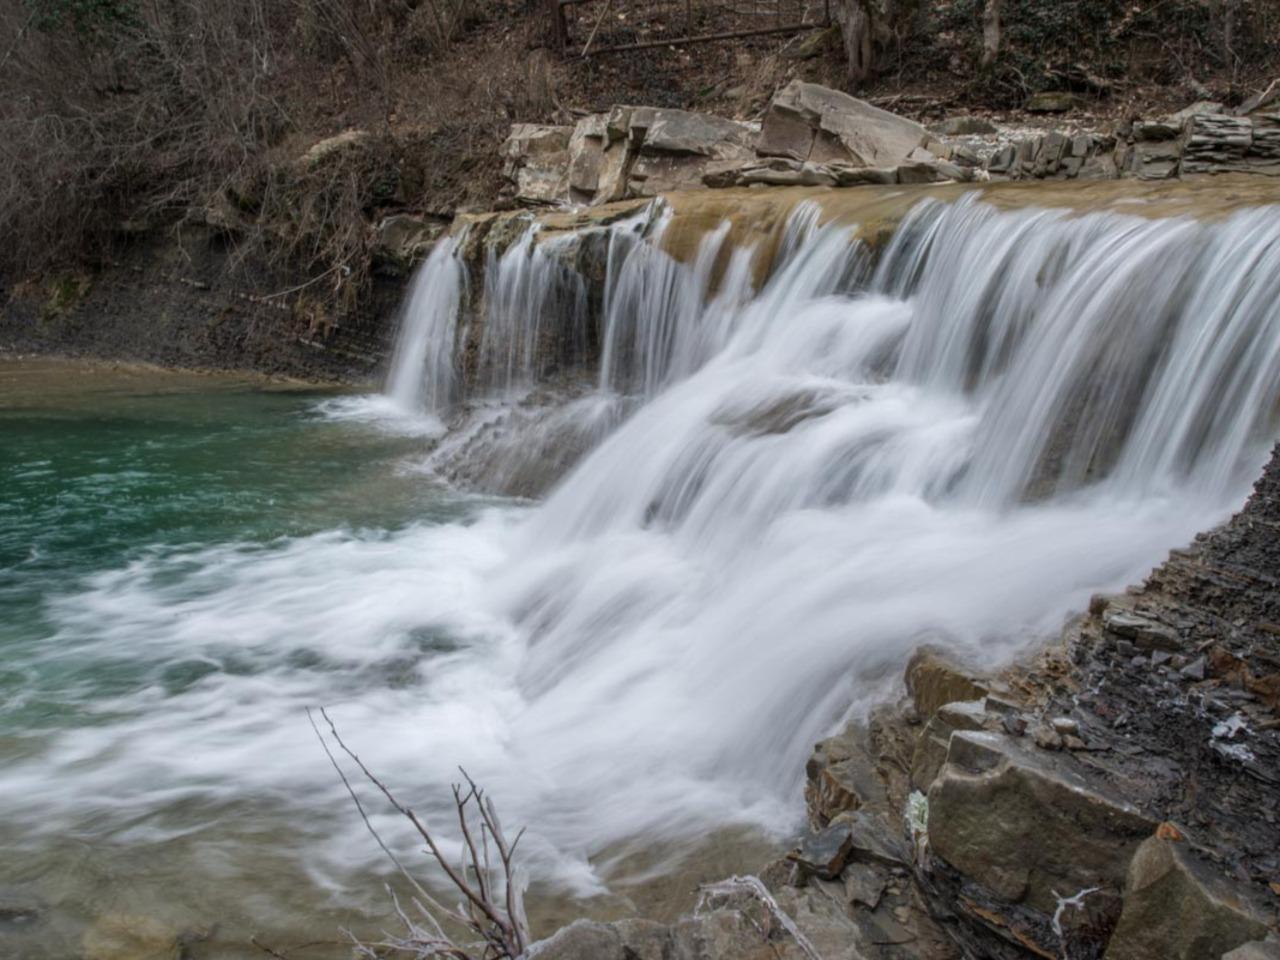 Водопады реки Жане - индивидуальная экскурсия в Анапе от опытного гида